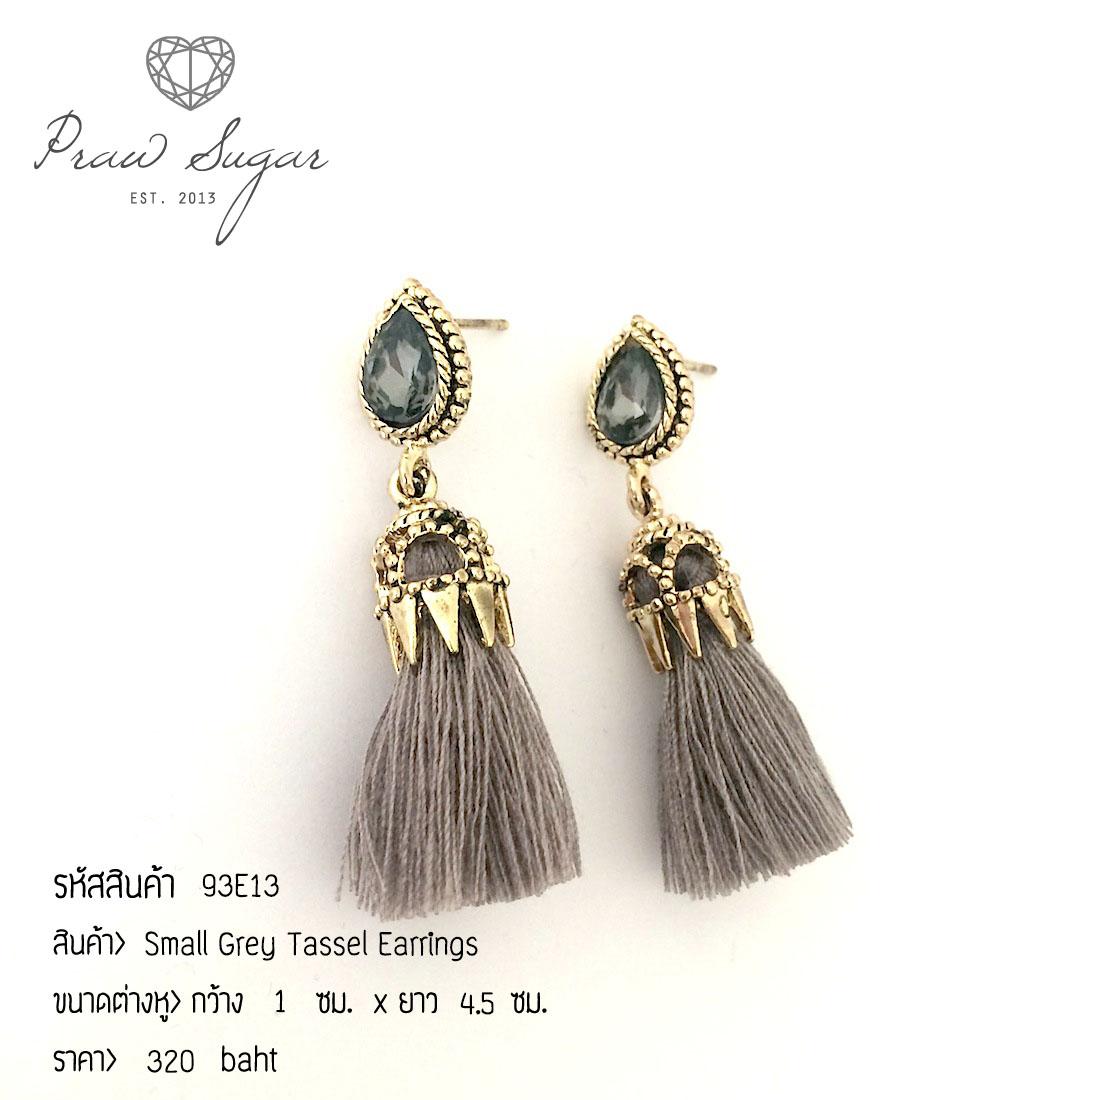 Small Grey Tassel Earrings